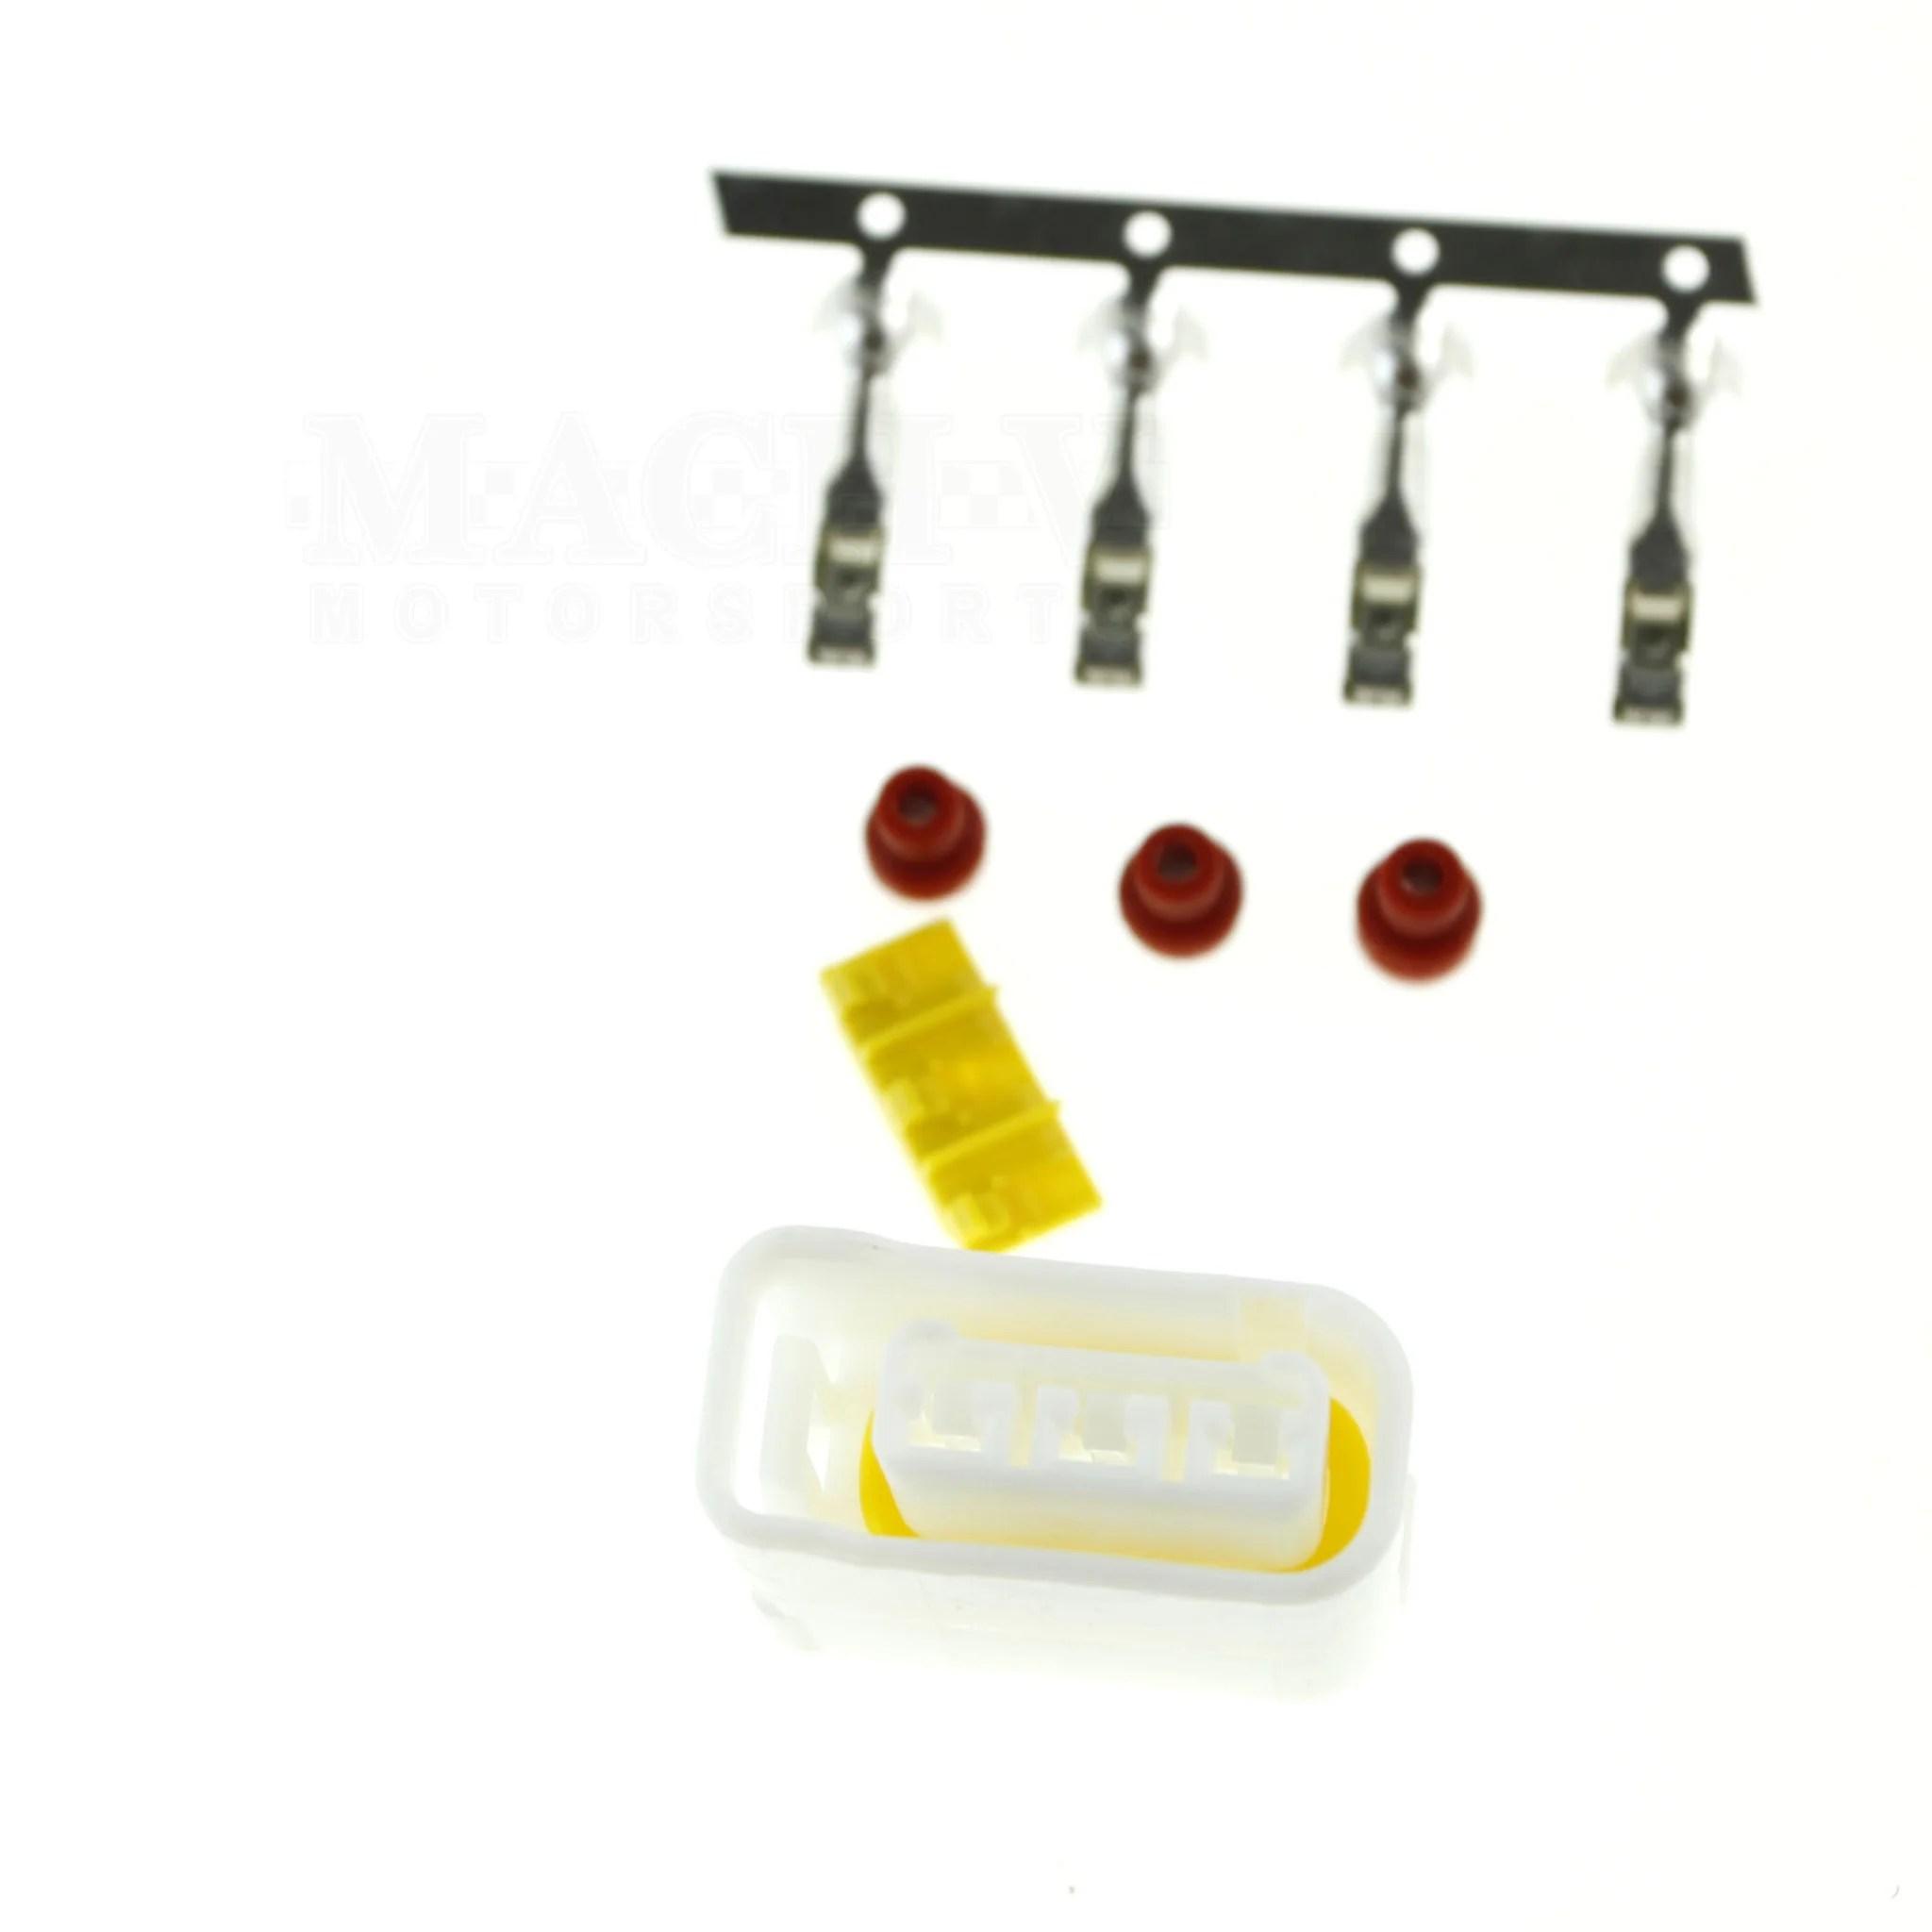 coil pack connectors subaru ej motor  [ 2048 x 2048 Pixel ]